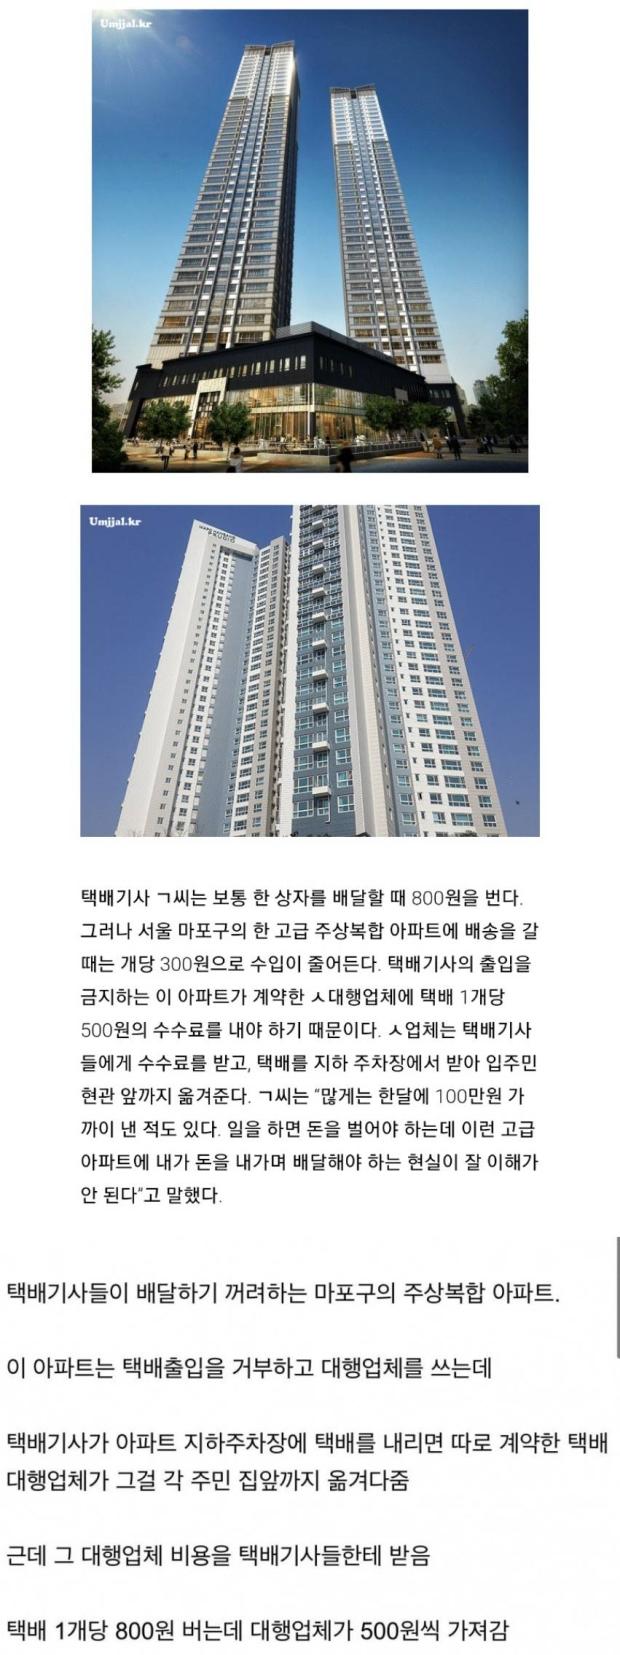 택배 기사들이 배송 꺼려한다는 마포 아파트